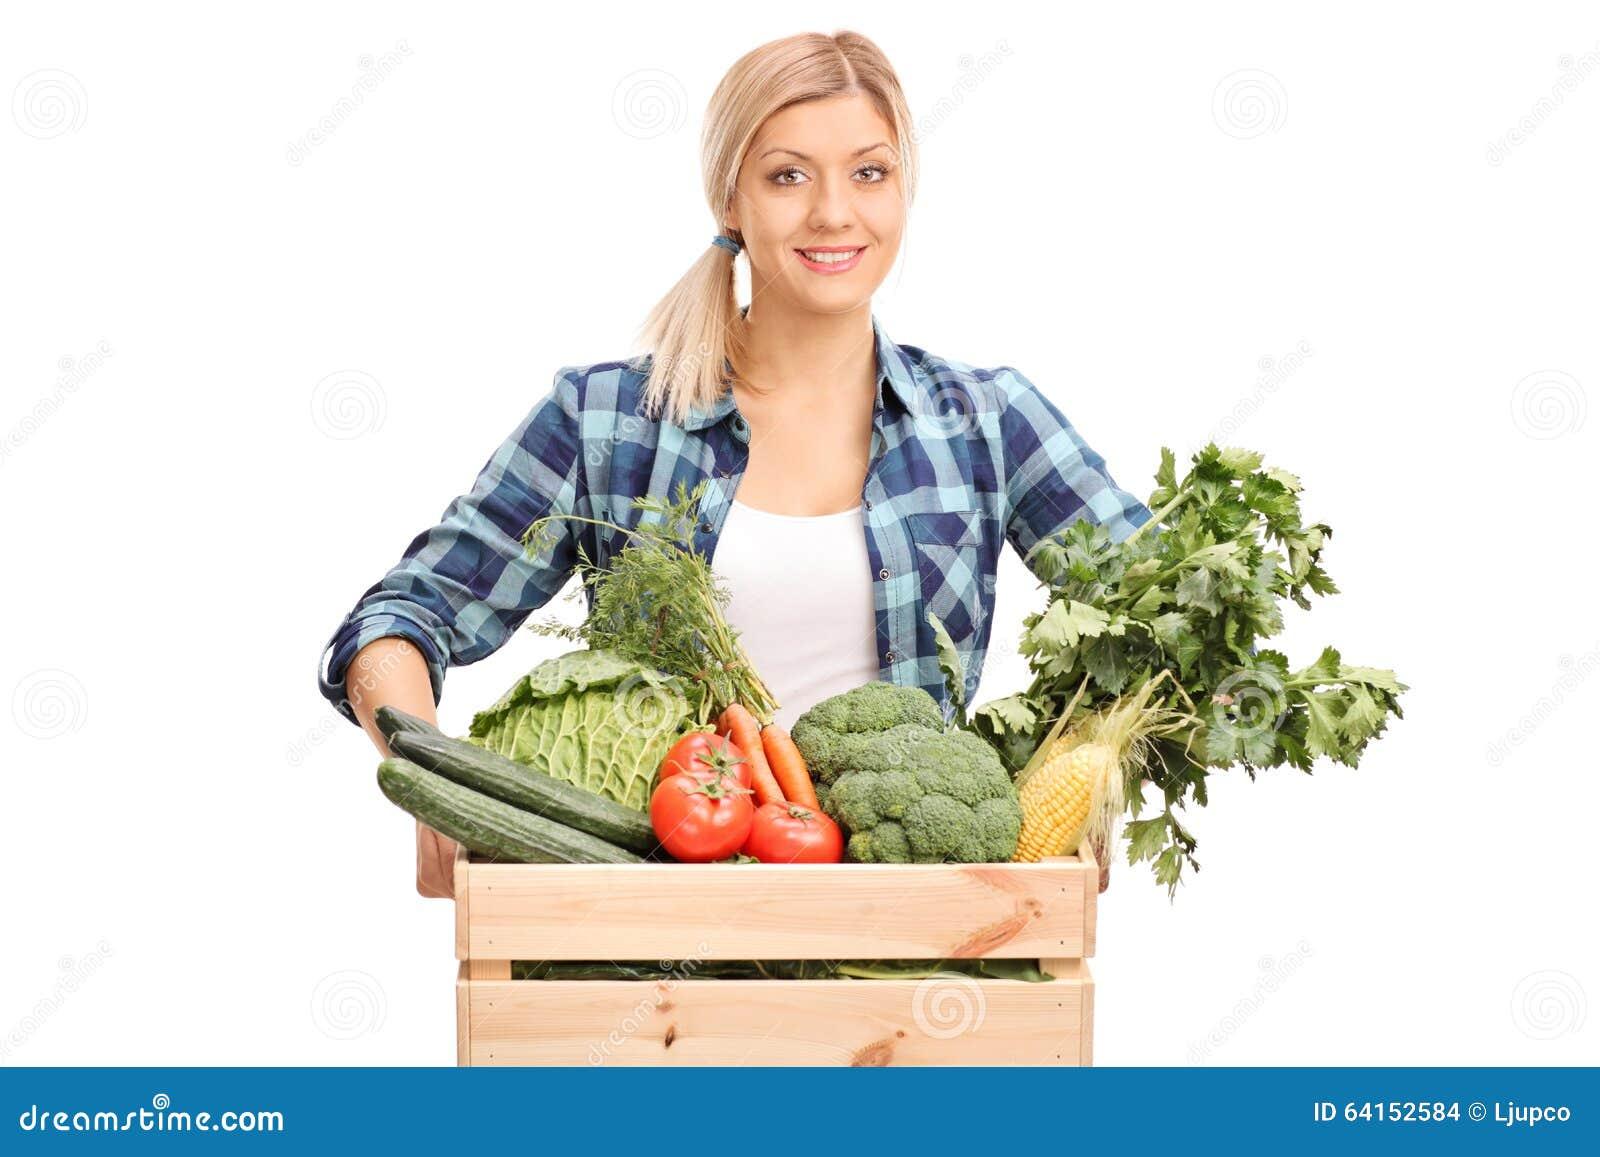 Kvinnlig bonde som poserar bak en spjällåda med grönsaker